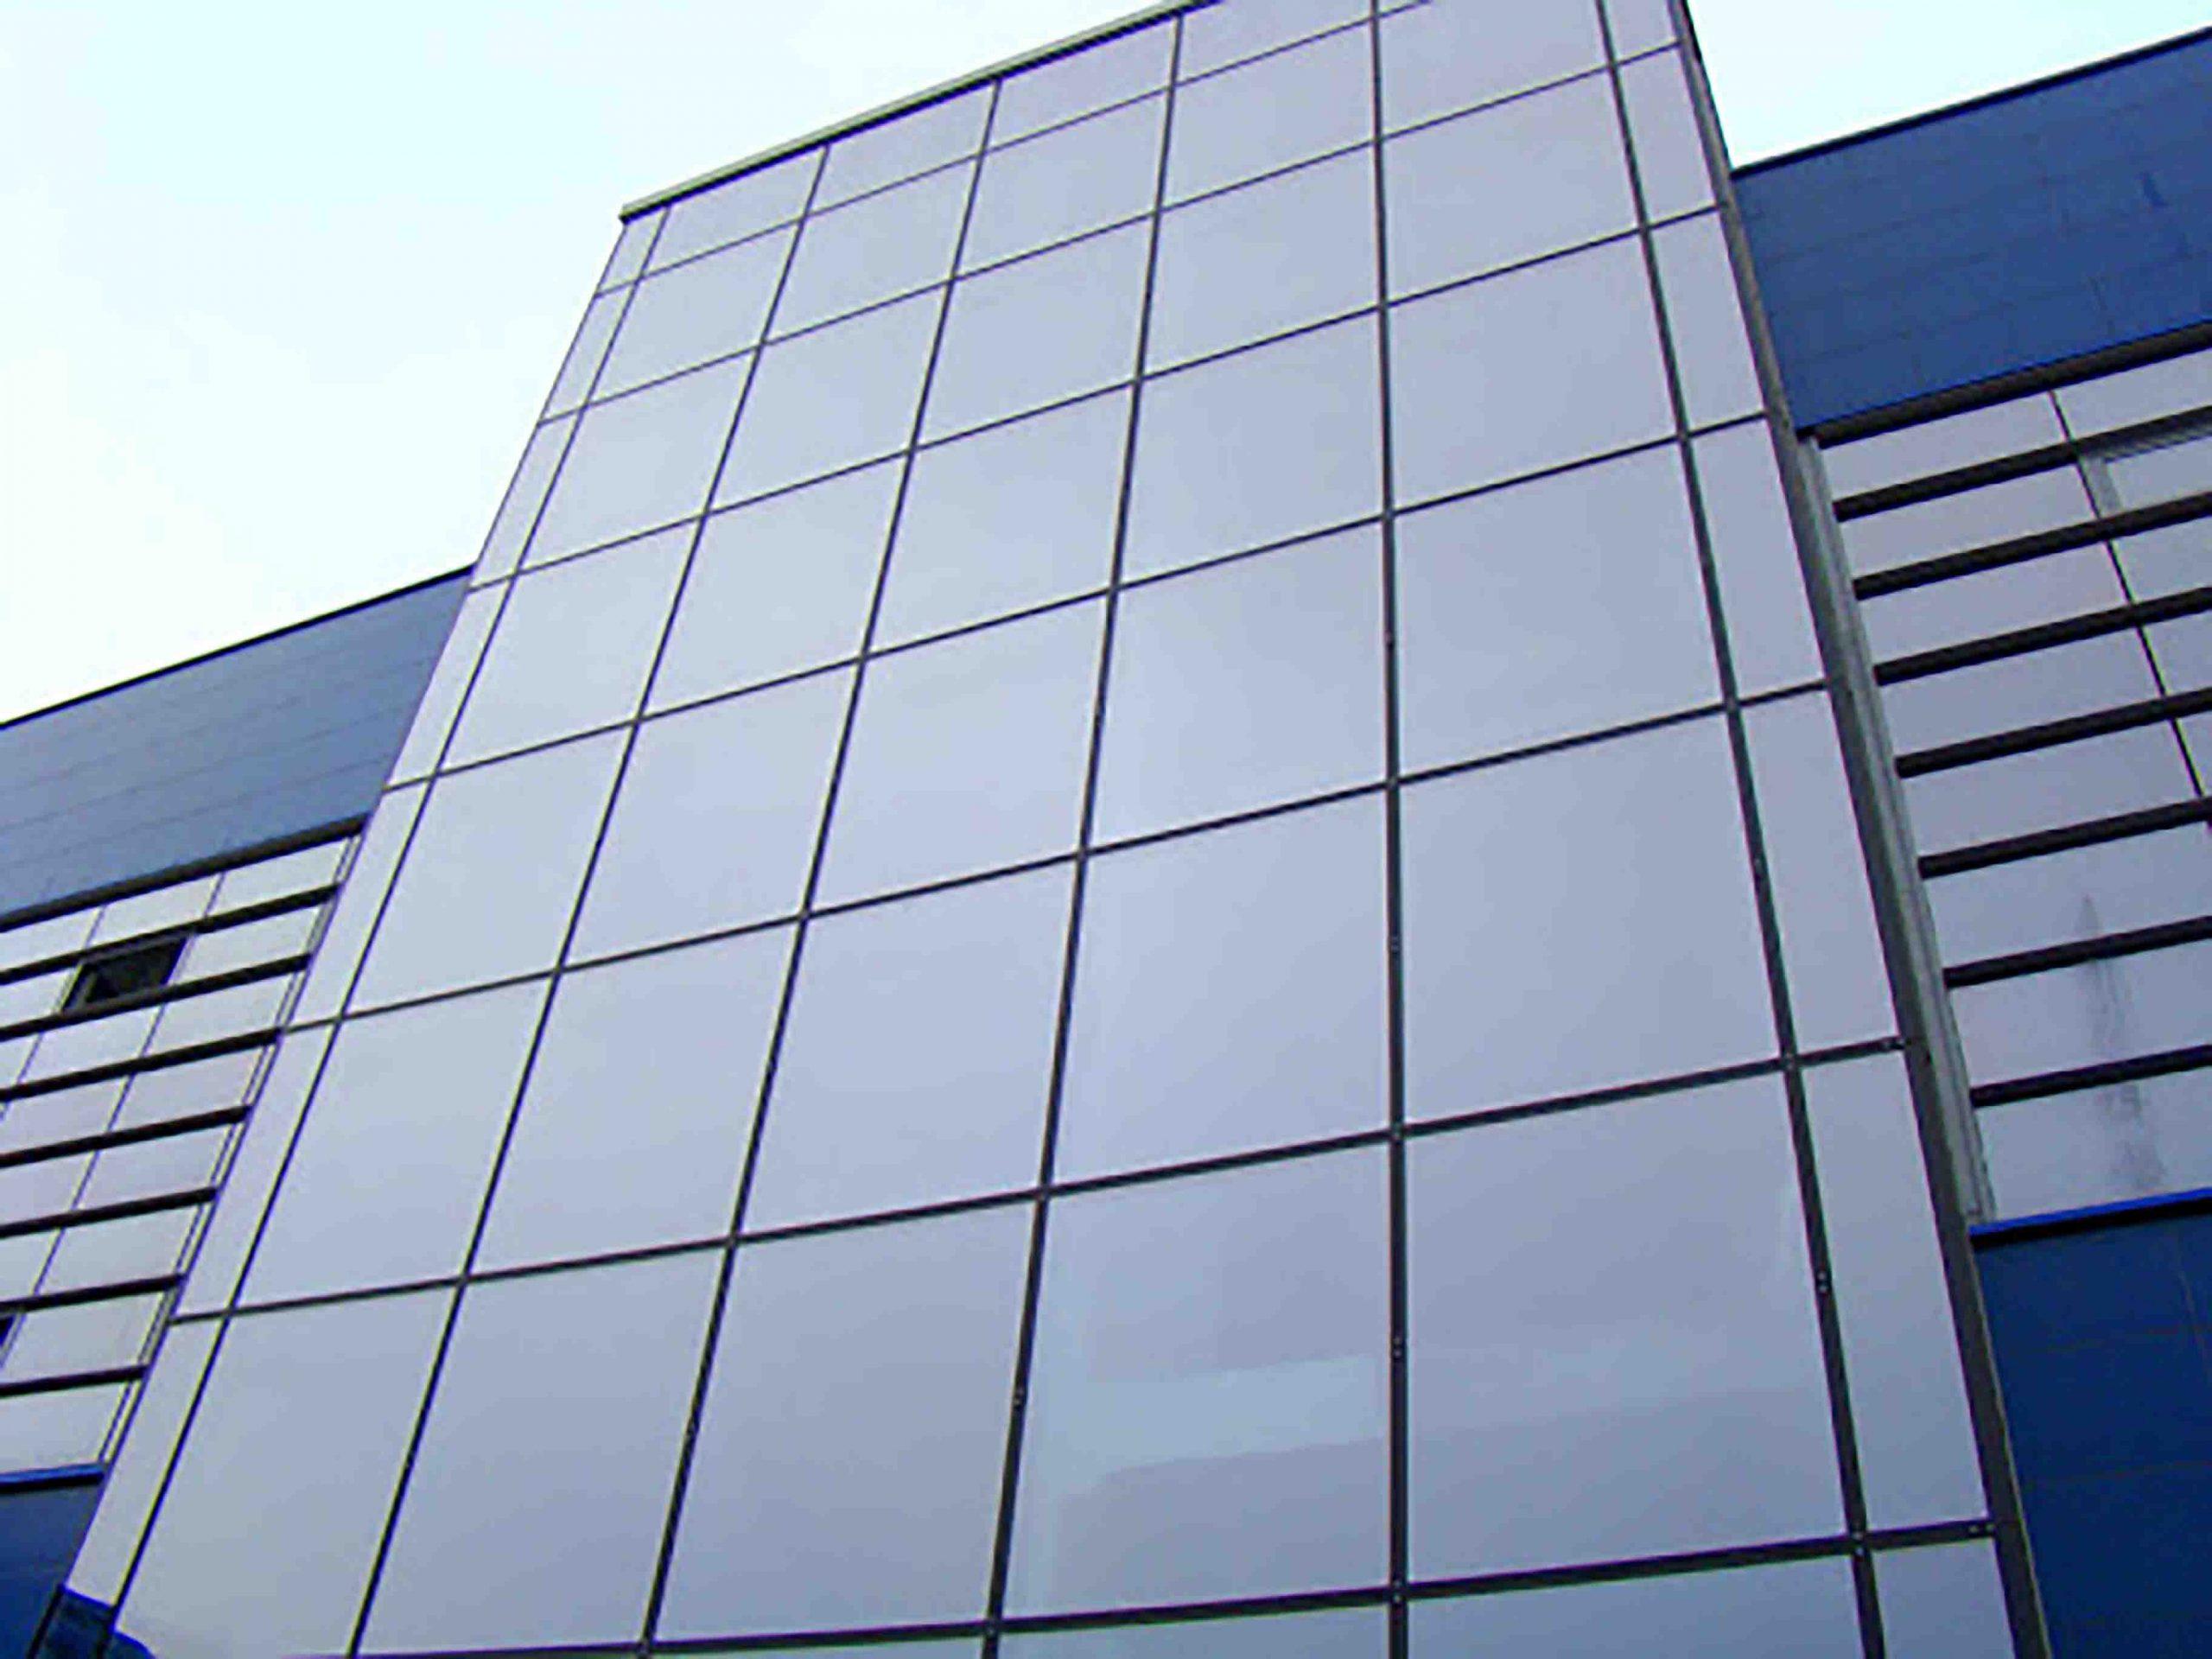 Виготовлення структурних склопакетів під замовлення компанією EKIPAZH